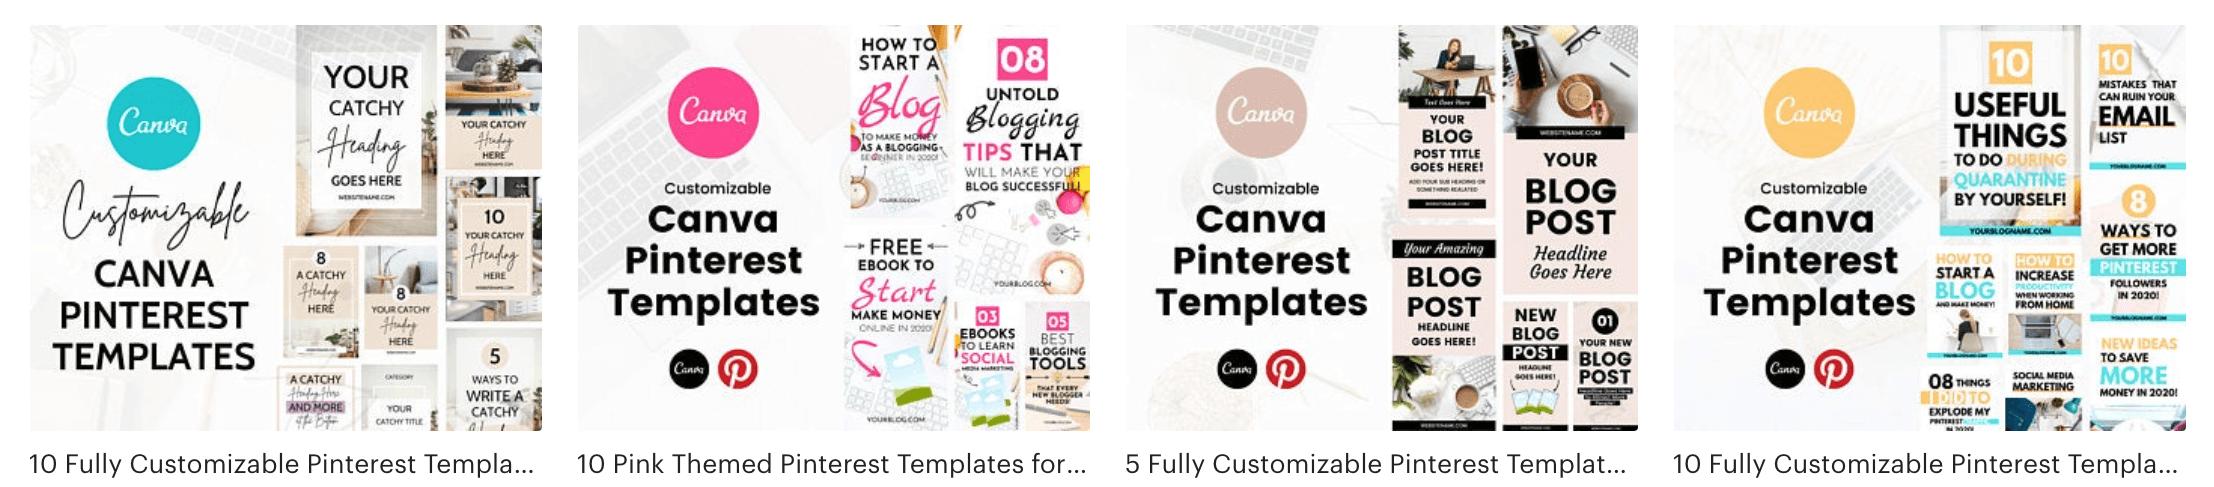 Etsy Pinterest Templates